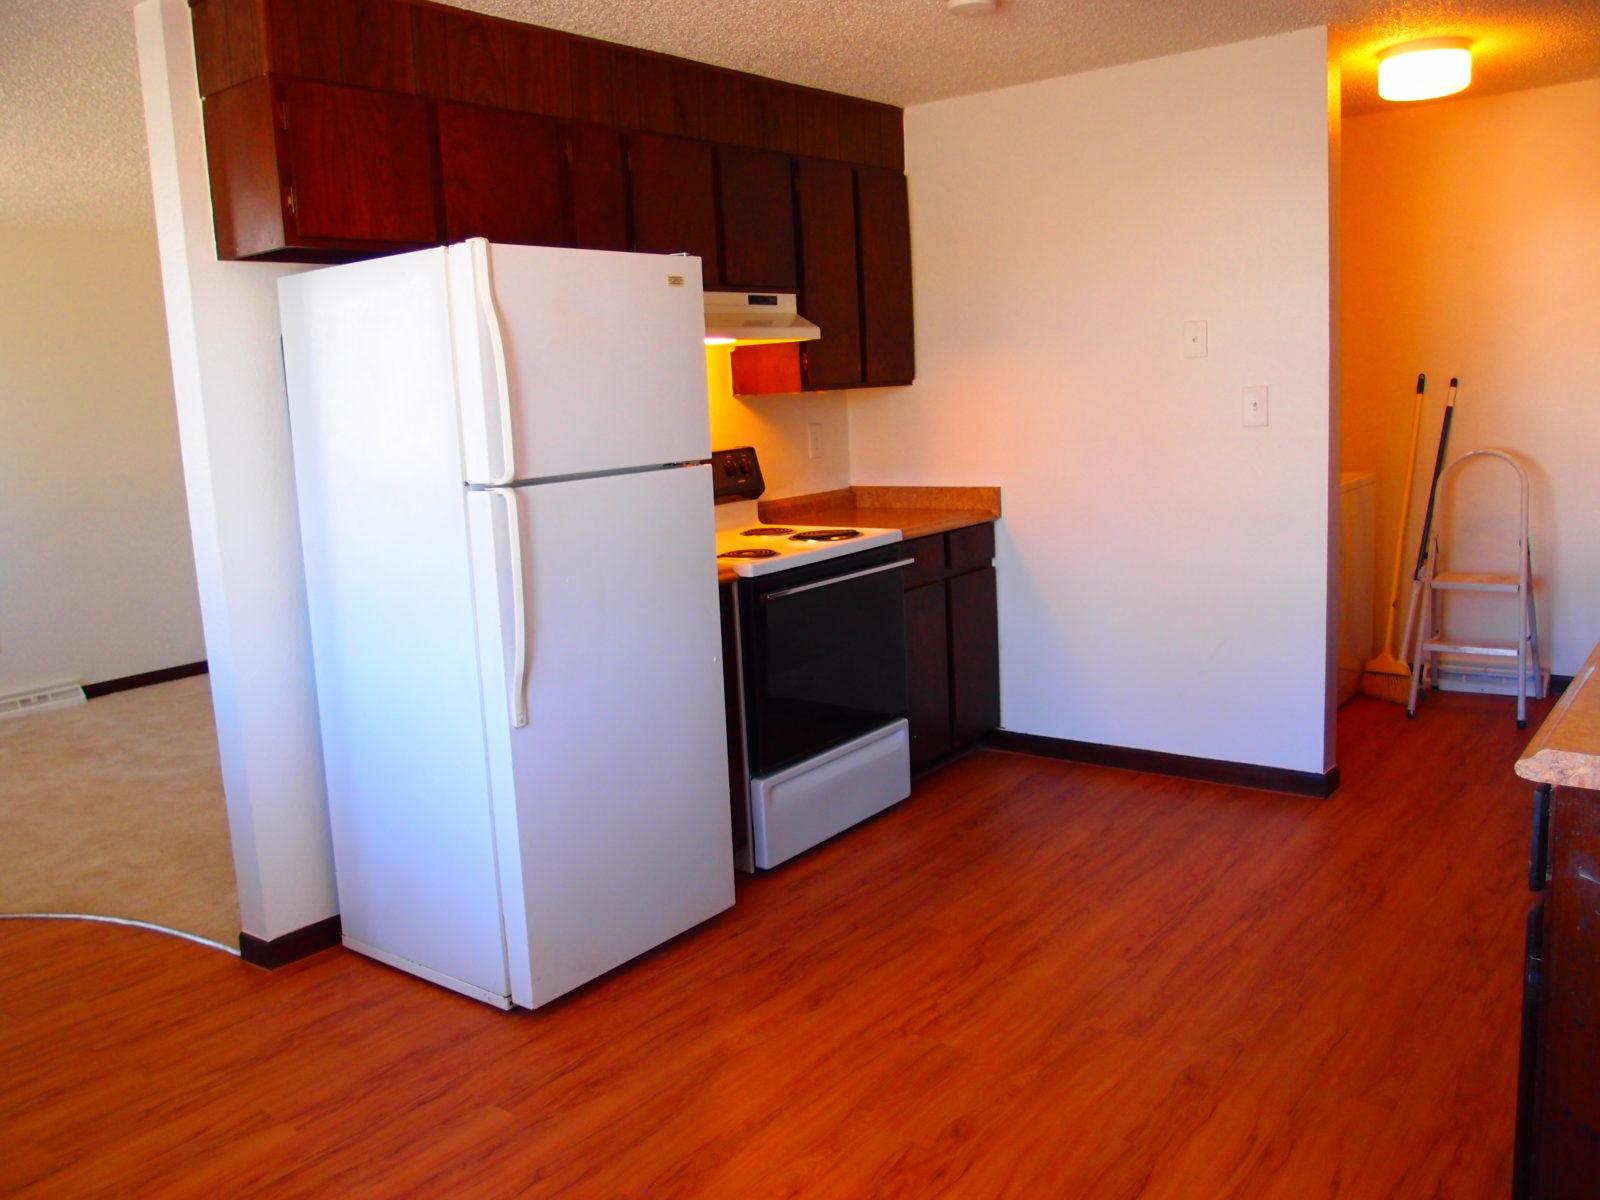 2168 Dexter Kitchen